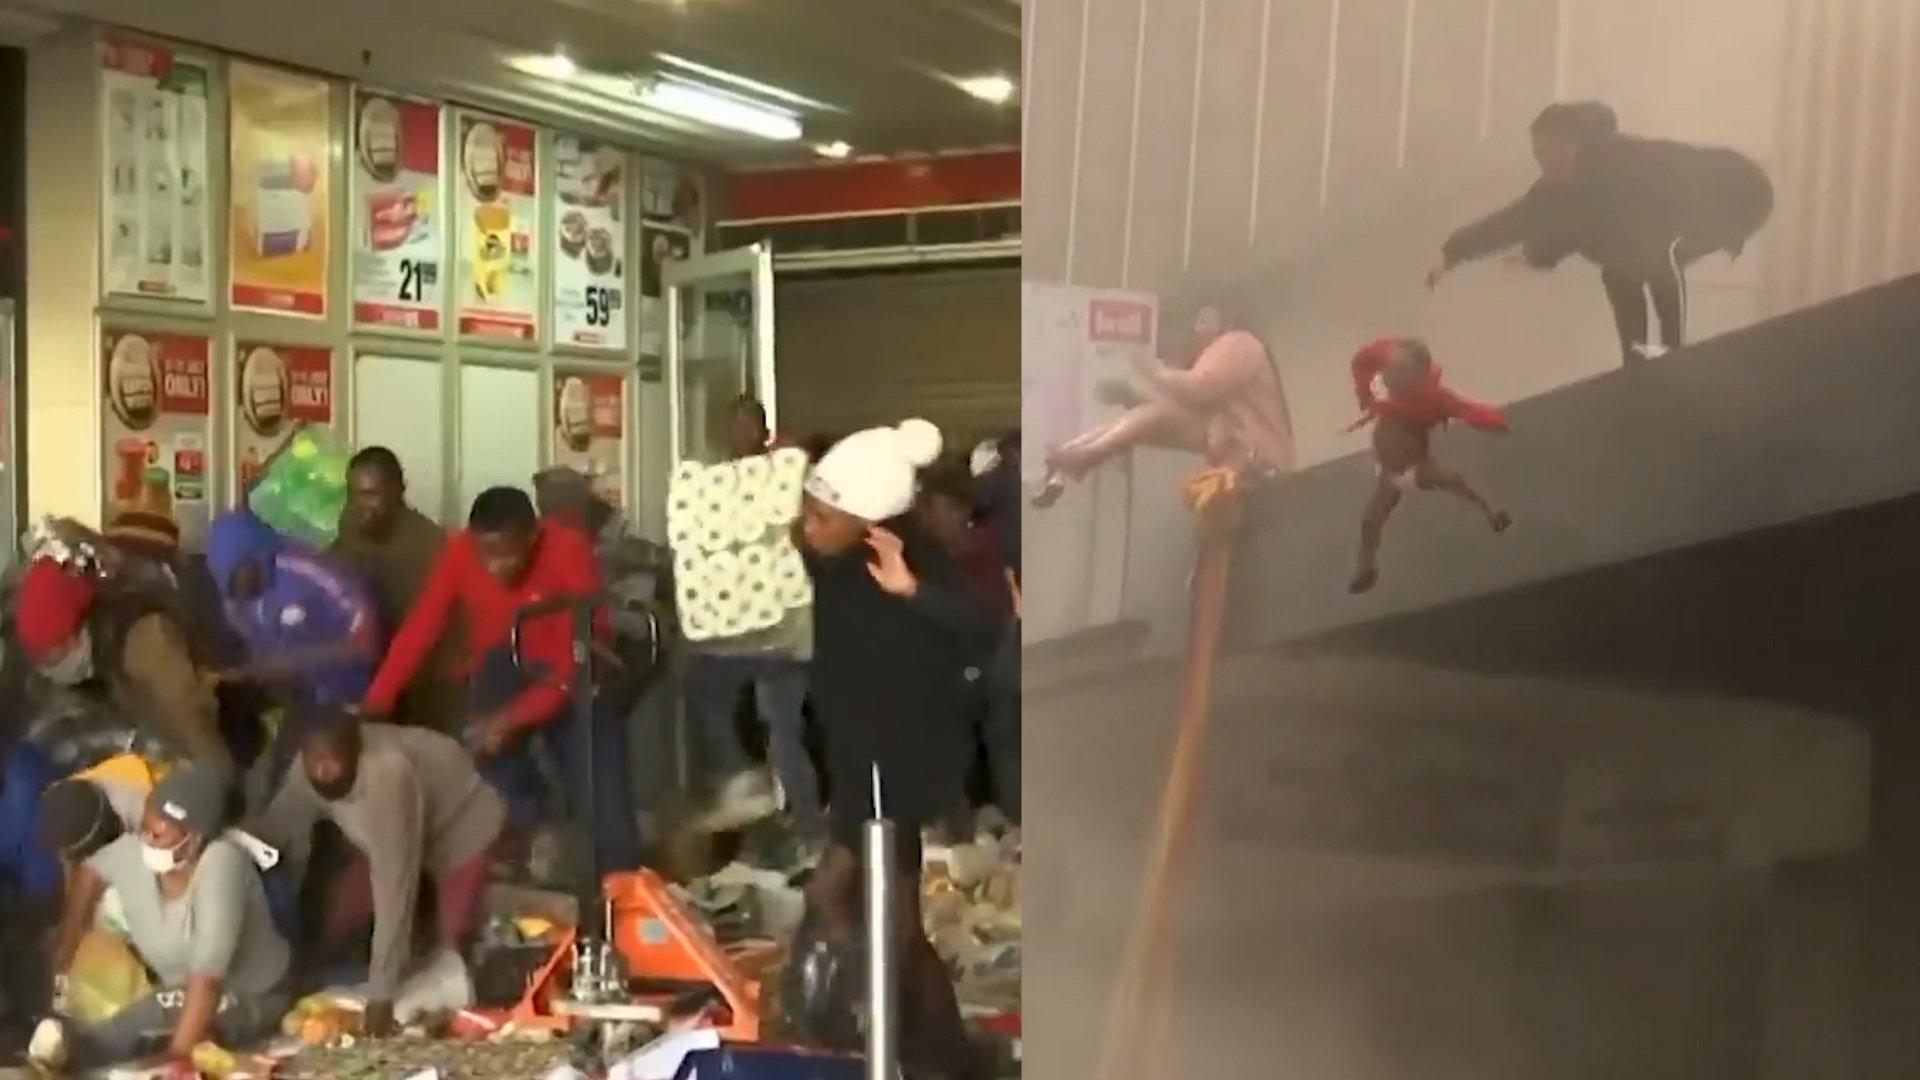 南非骚乱民众洗劫超市焚烧:女子被迫火海扔出女儿,警察束手无策